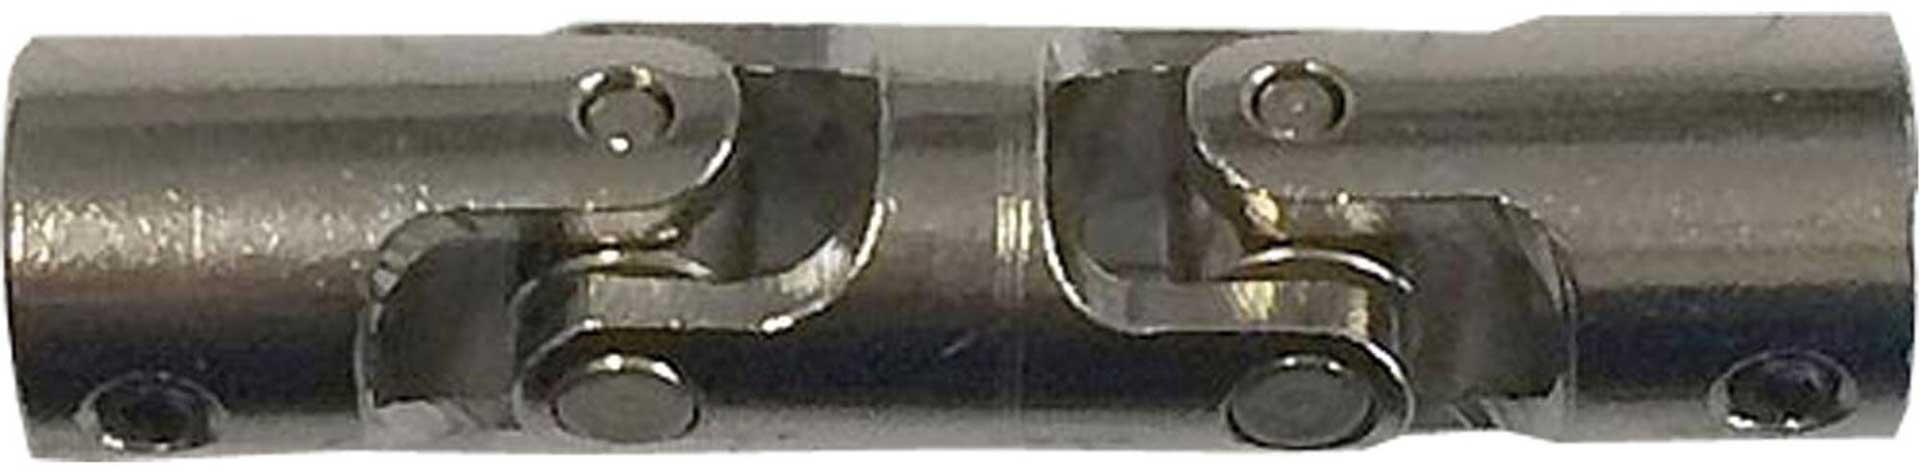 Robbe Modellsport Gelenkkupplung doppelt Stahl D12XxL52mm 1Stk.